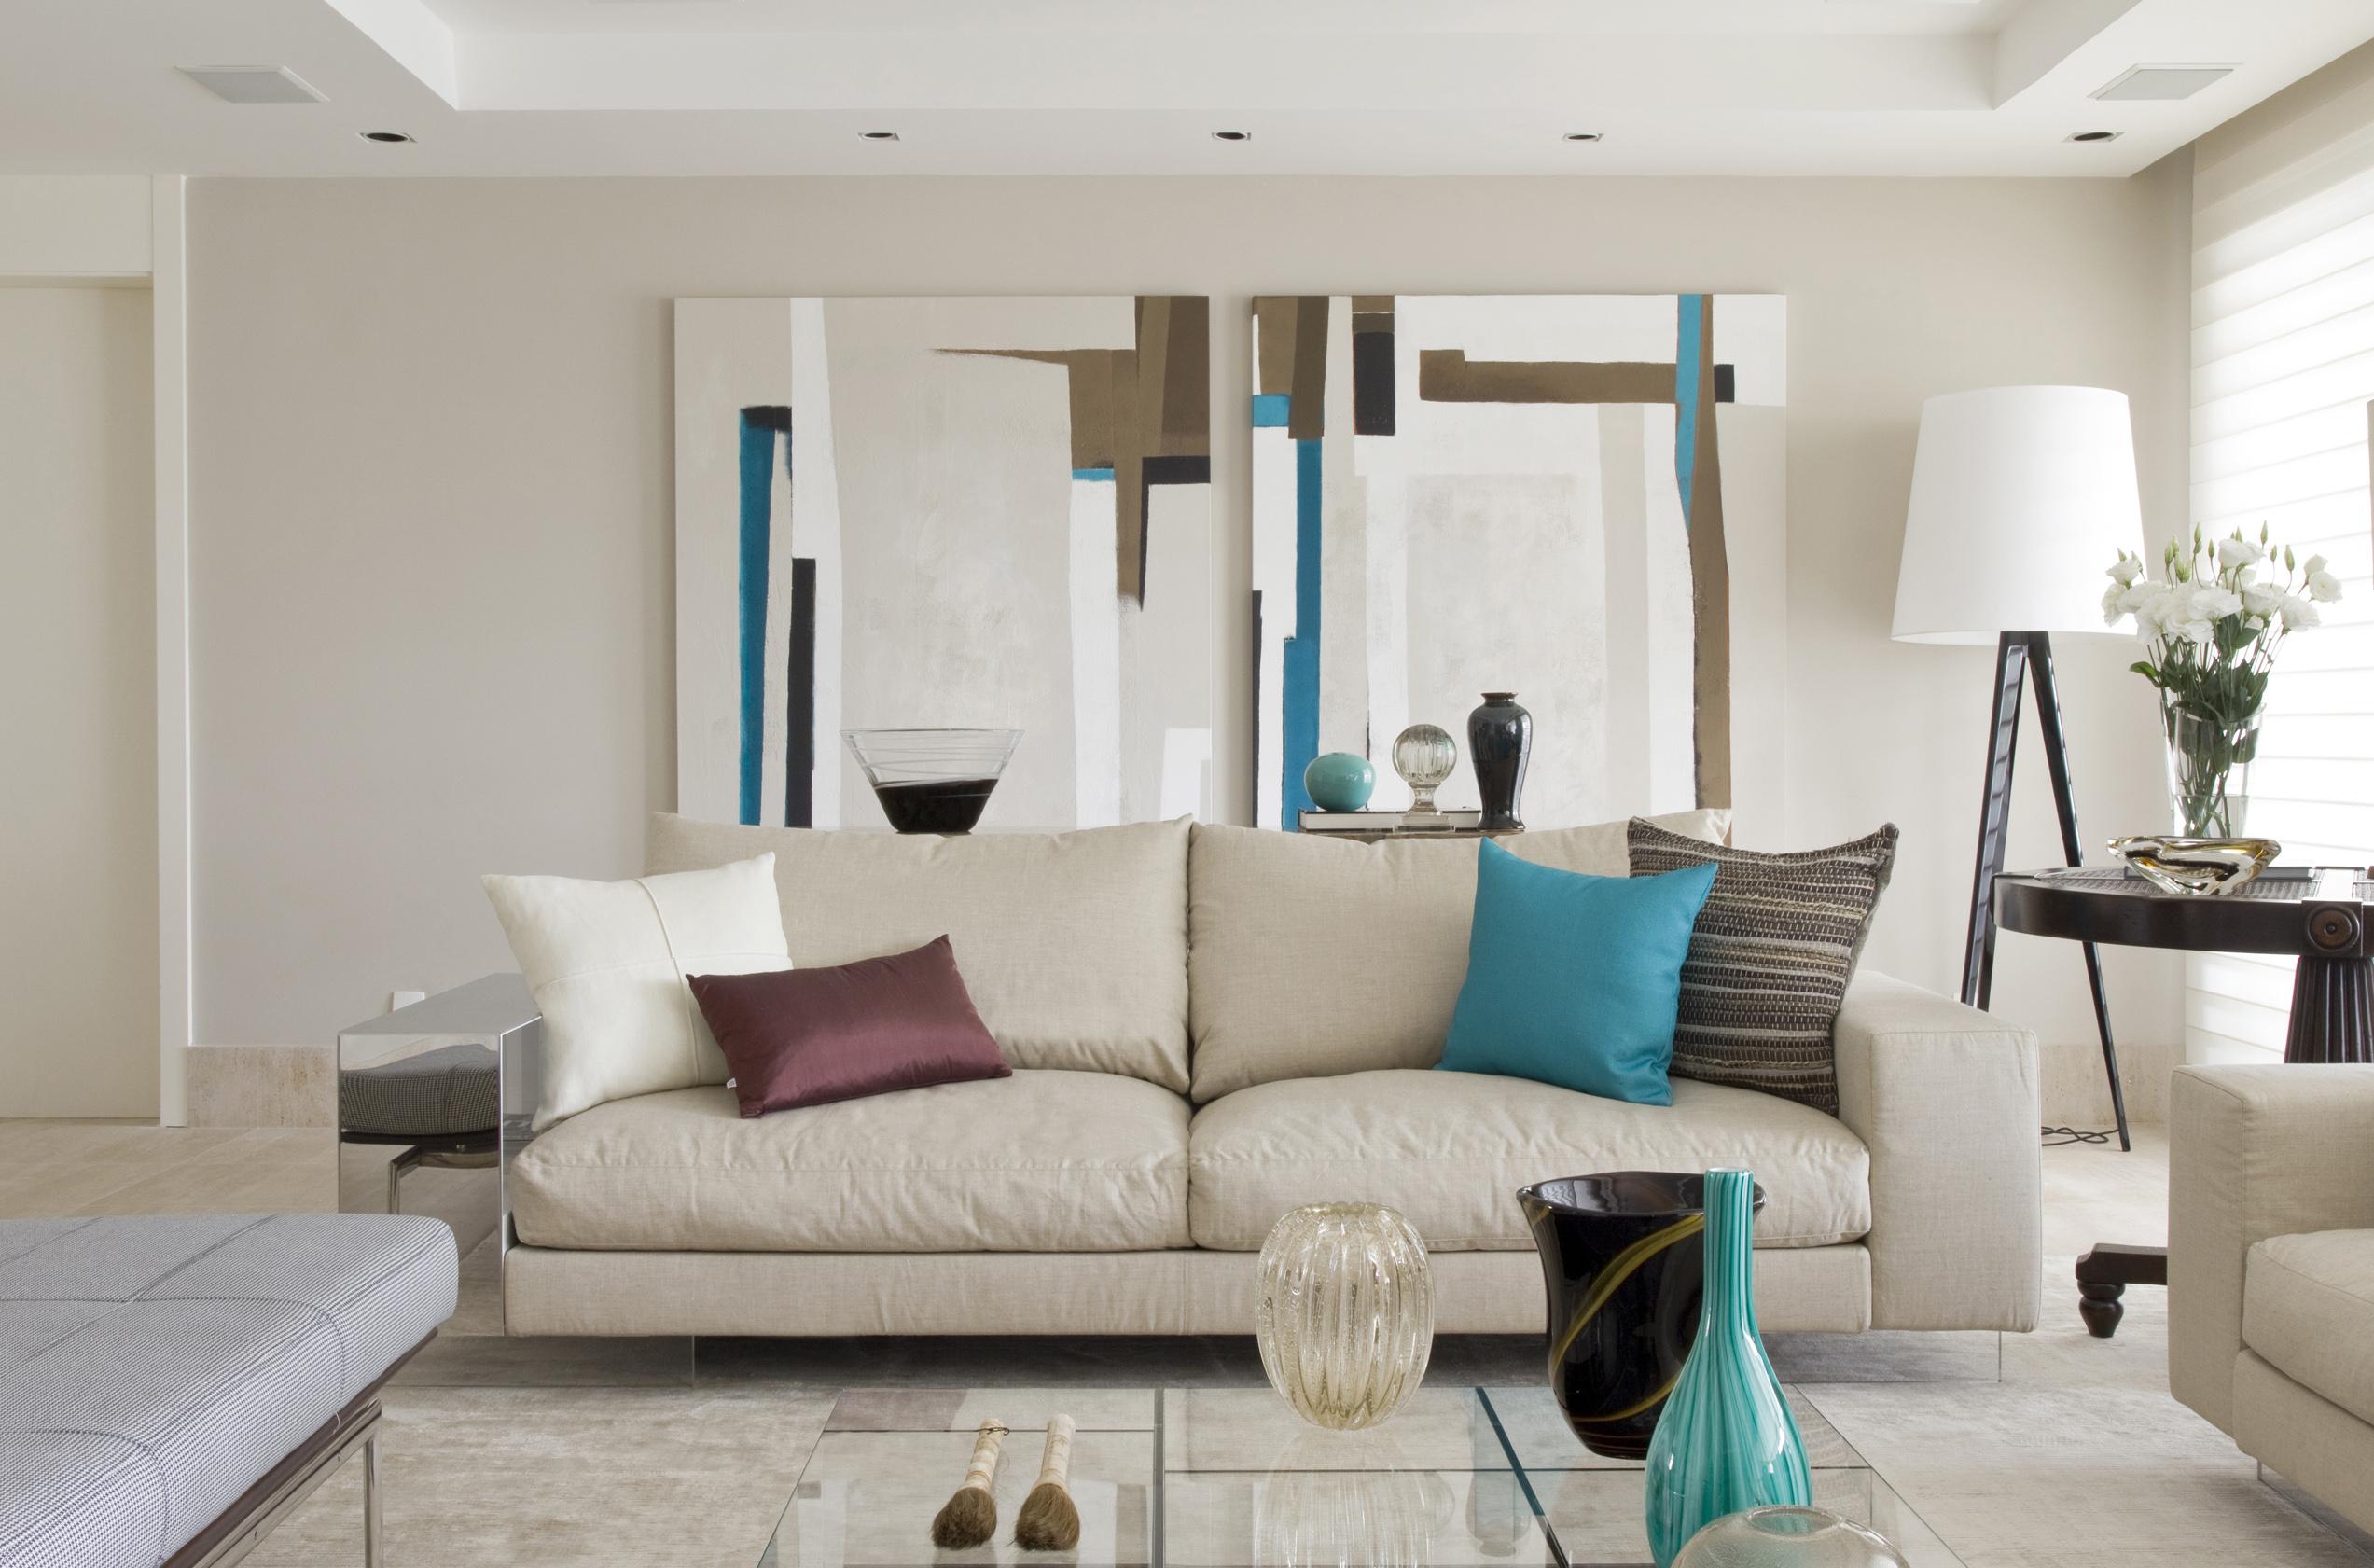 decoracao de apartamentos pequenos de praia : decoracao de apartamentos pequenos de praia:com uma paleta neutra de cores e pitadas de tonalidades marcantes o